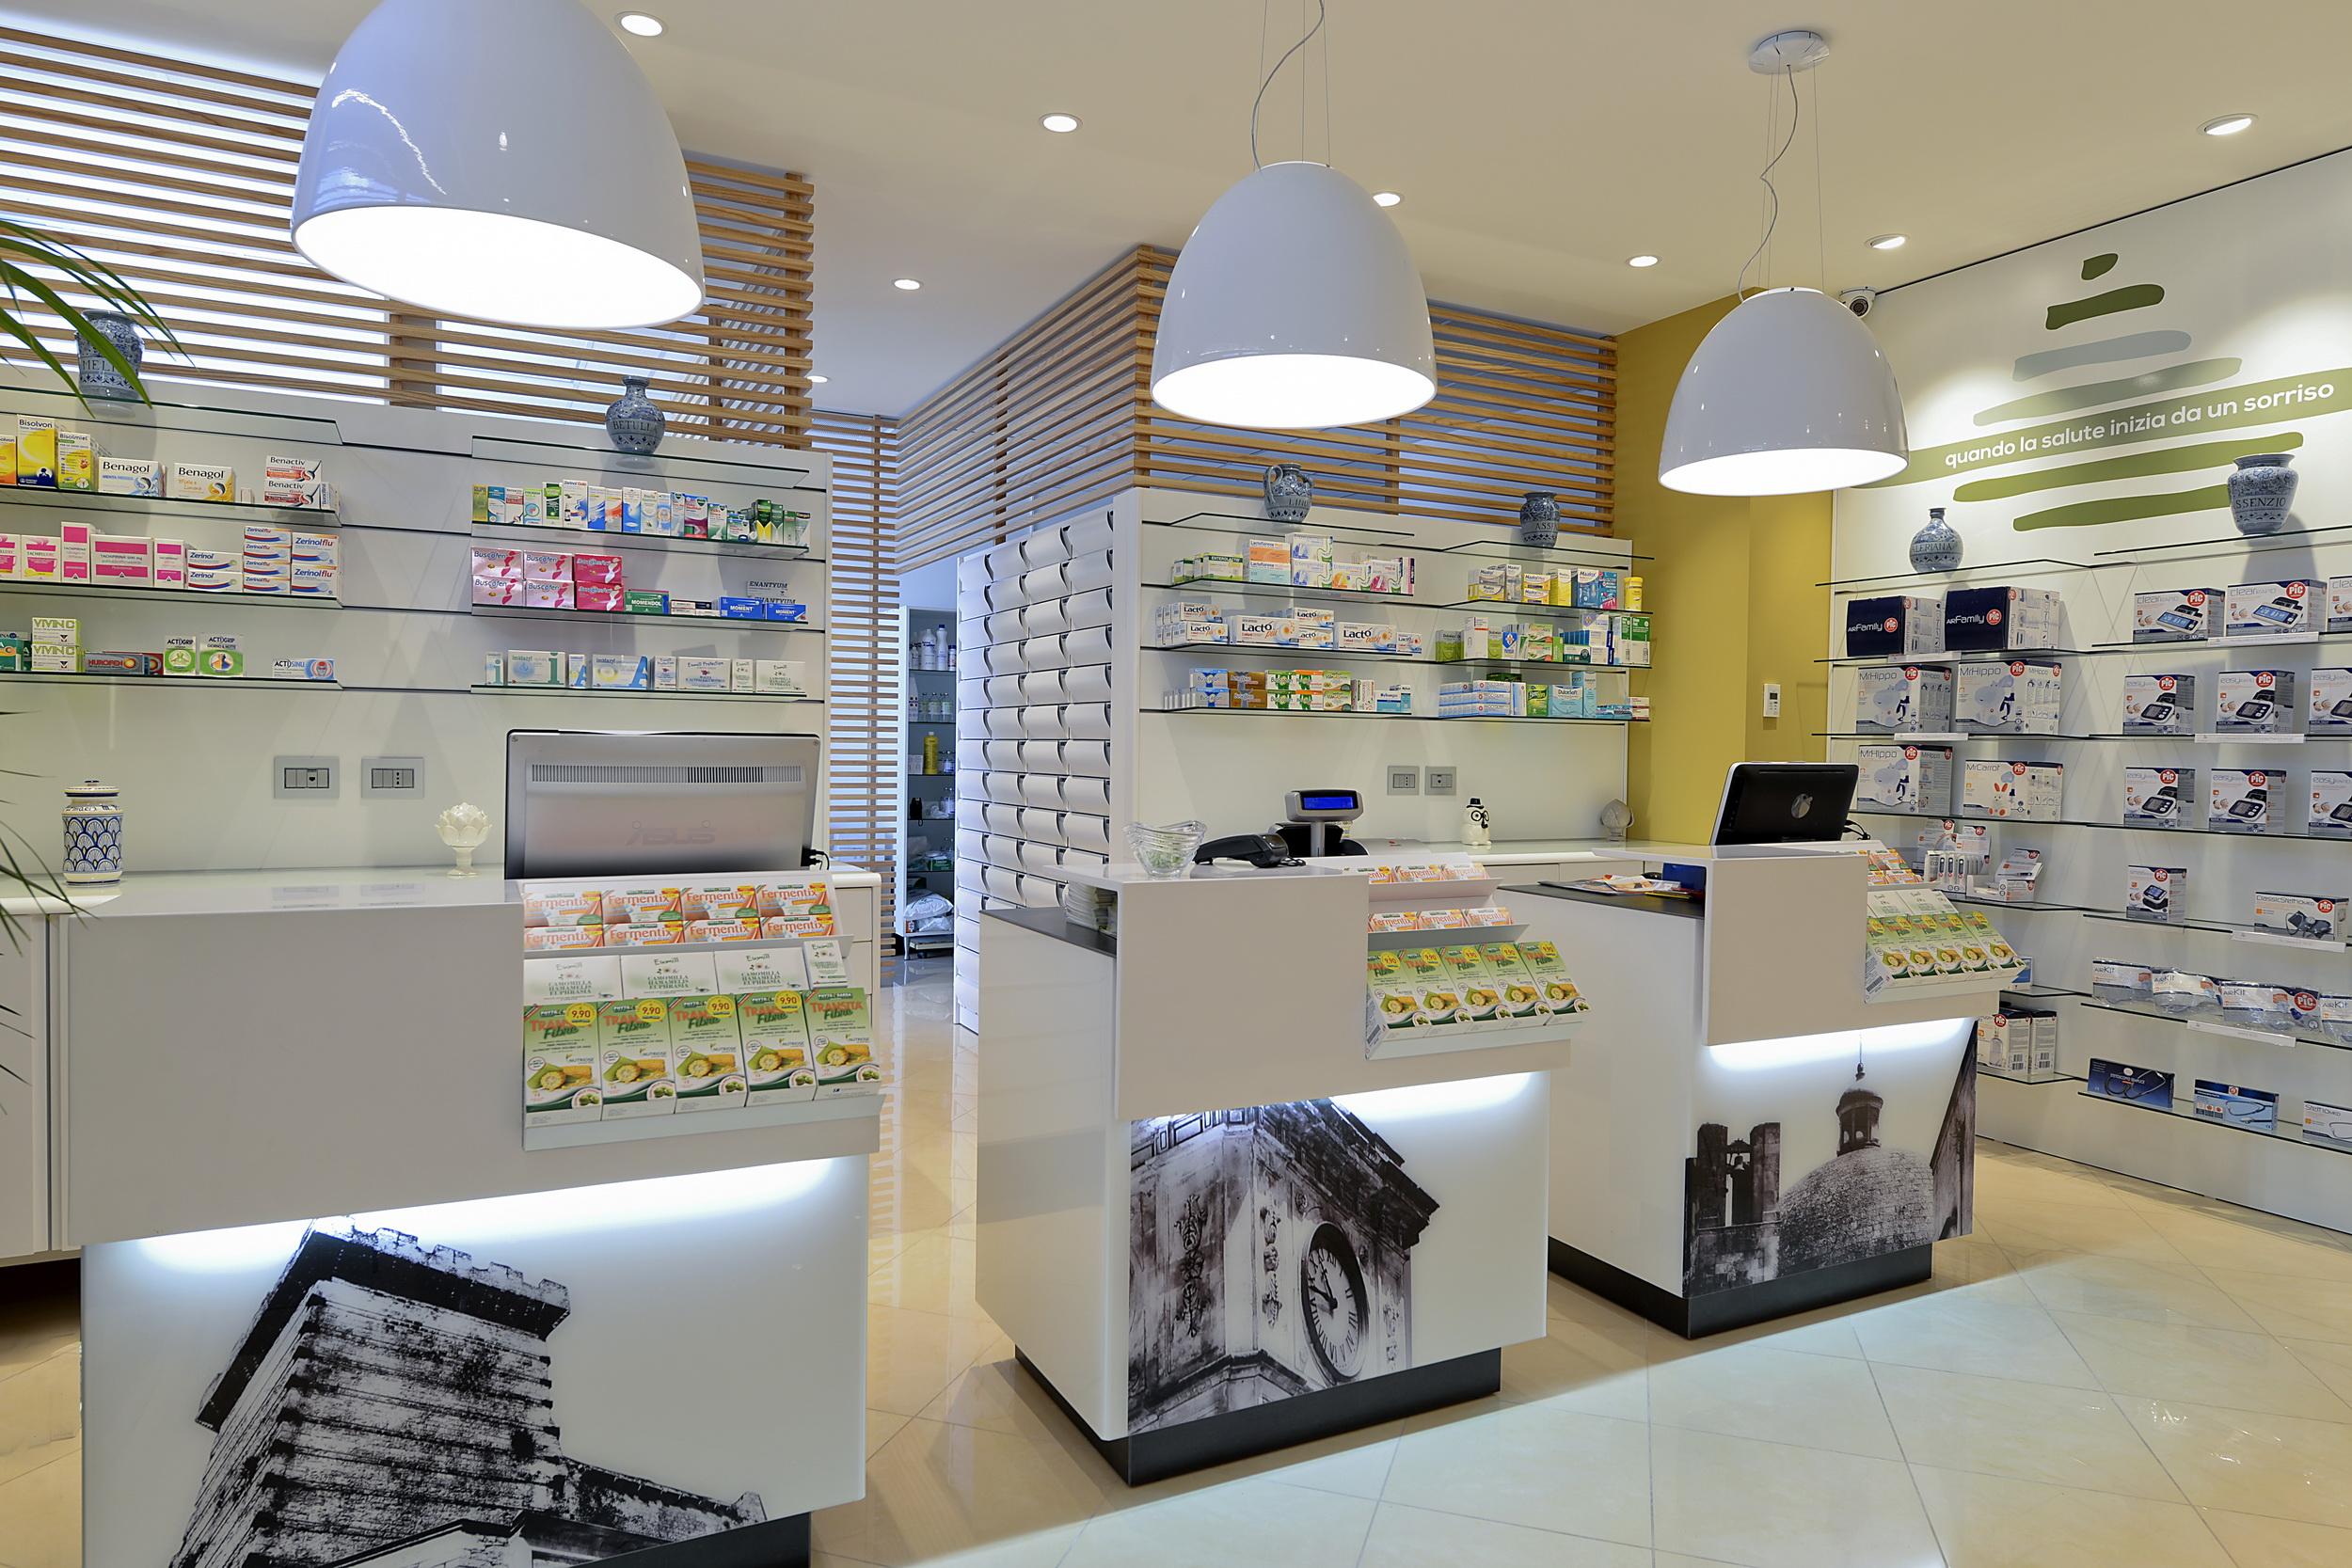 Banchi farmacia Ricci Ceglie Messapica